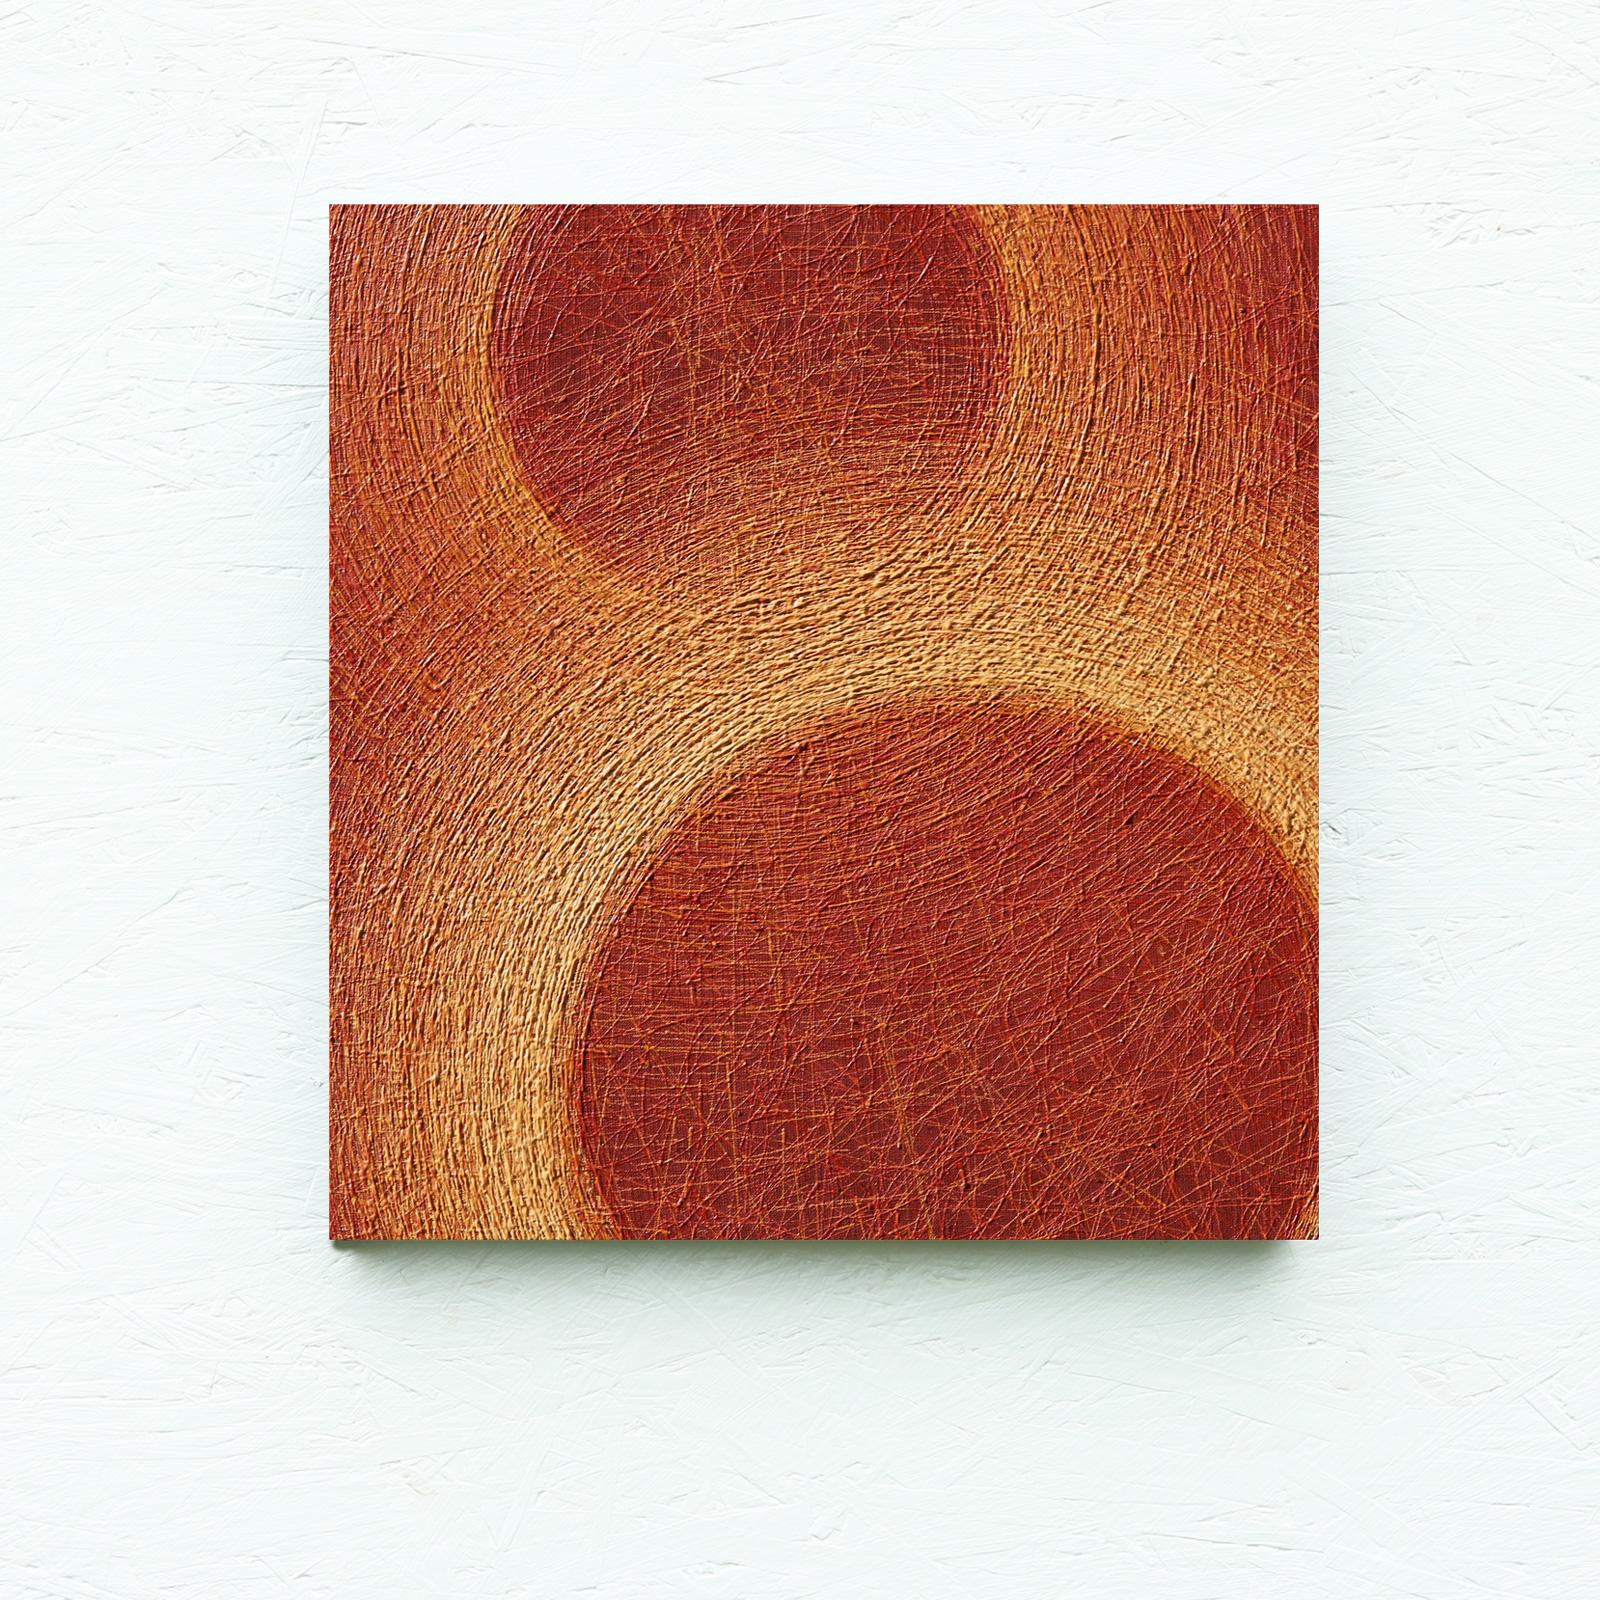 Genesis . 58 x 62 cm